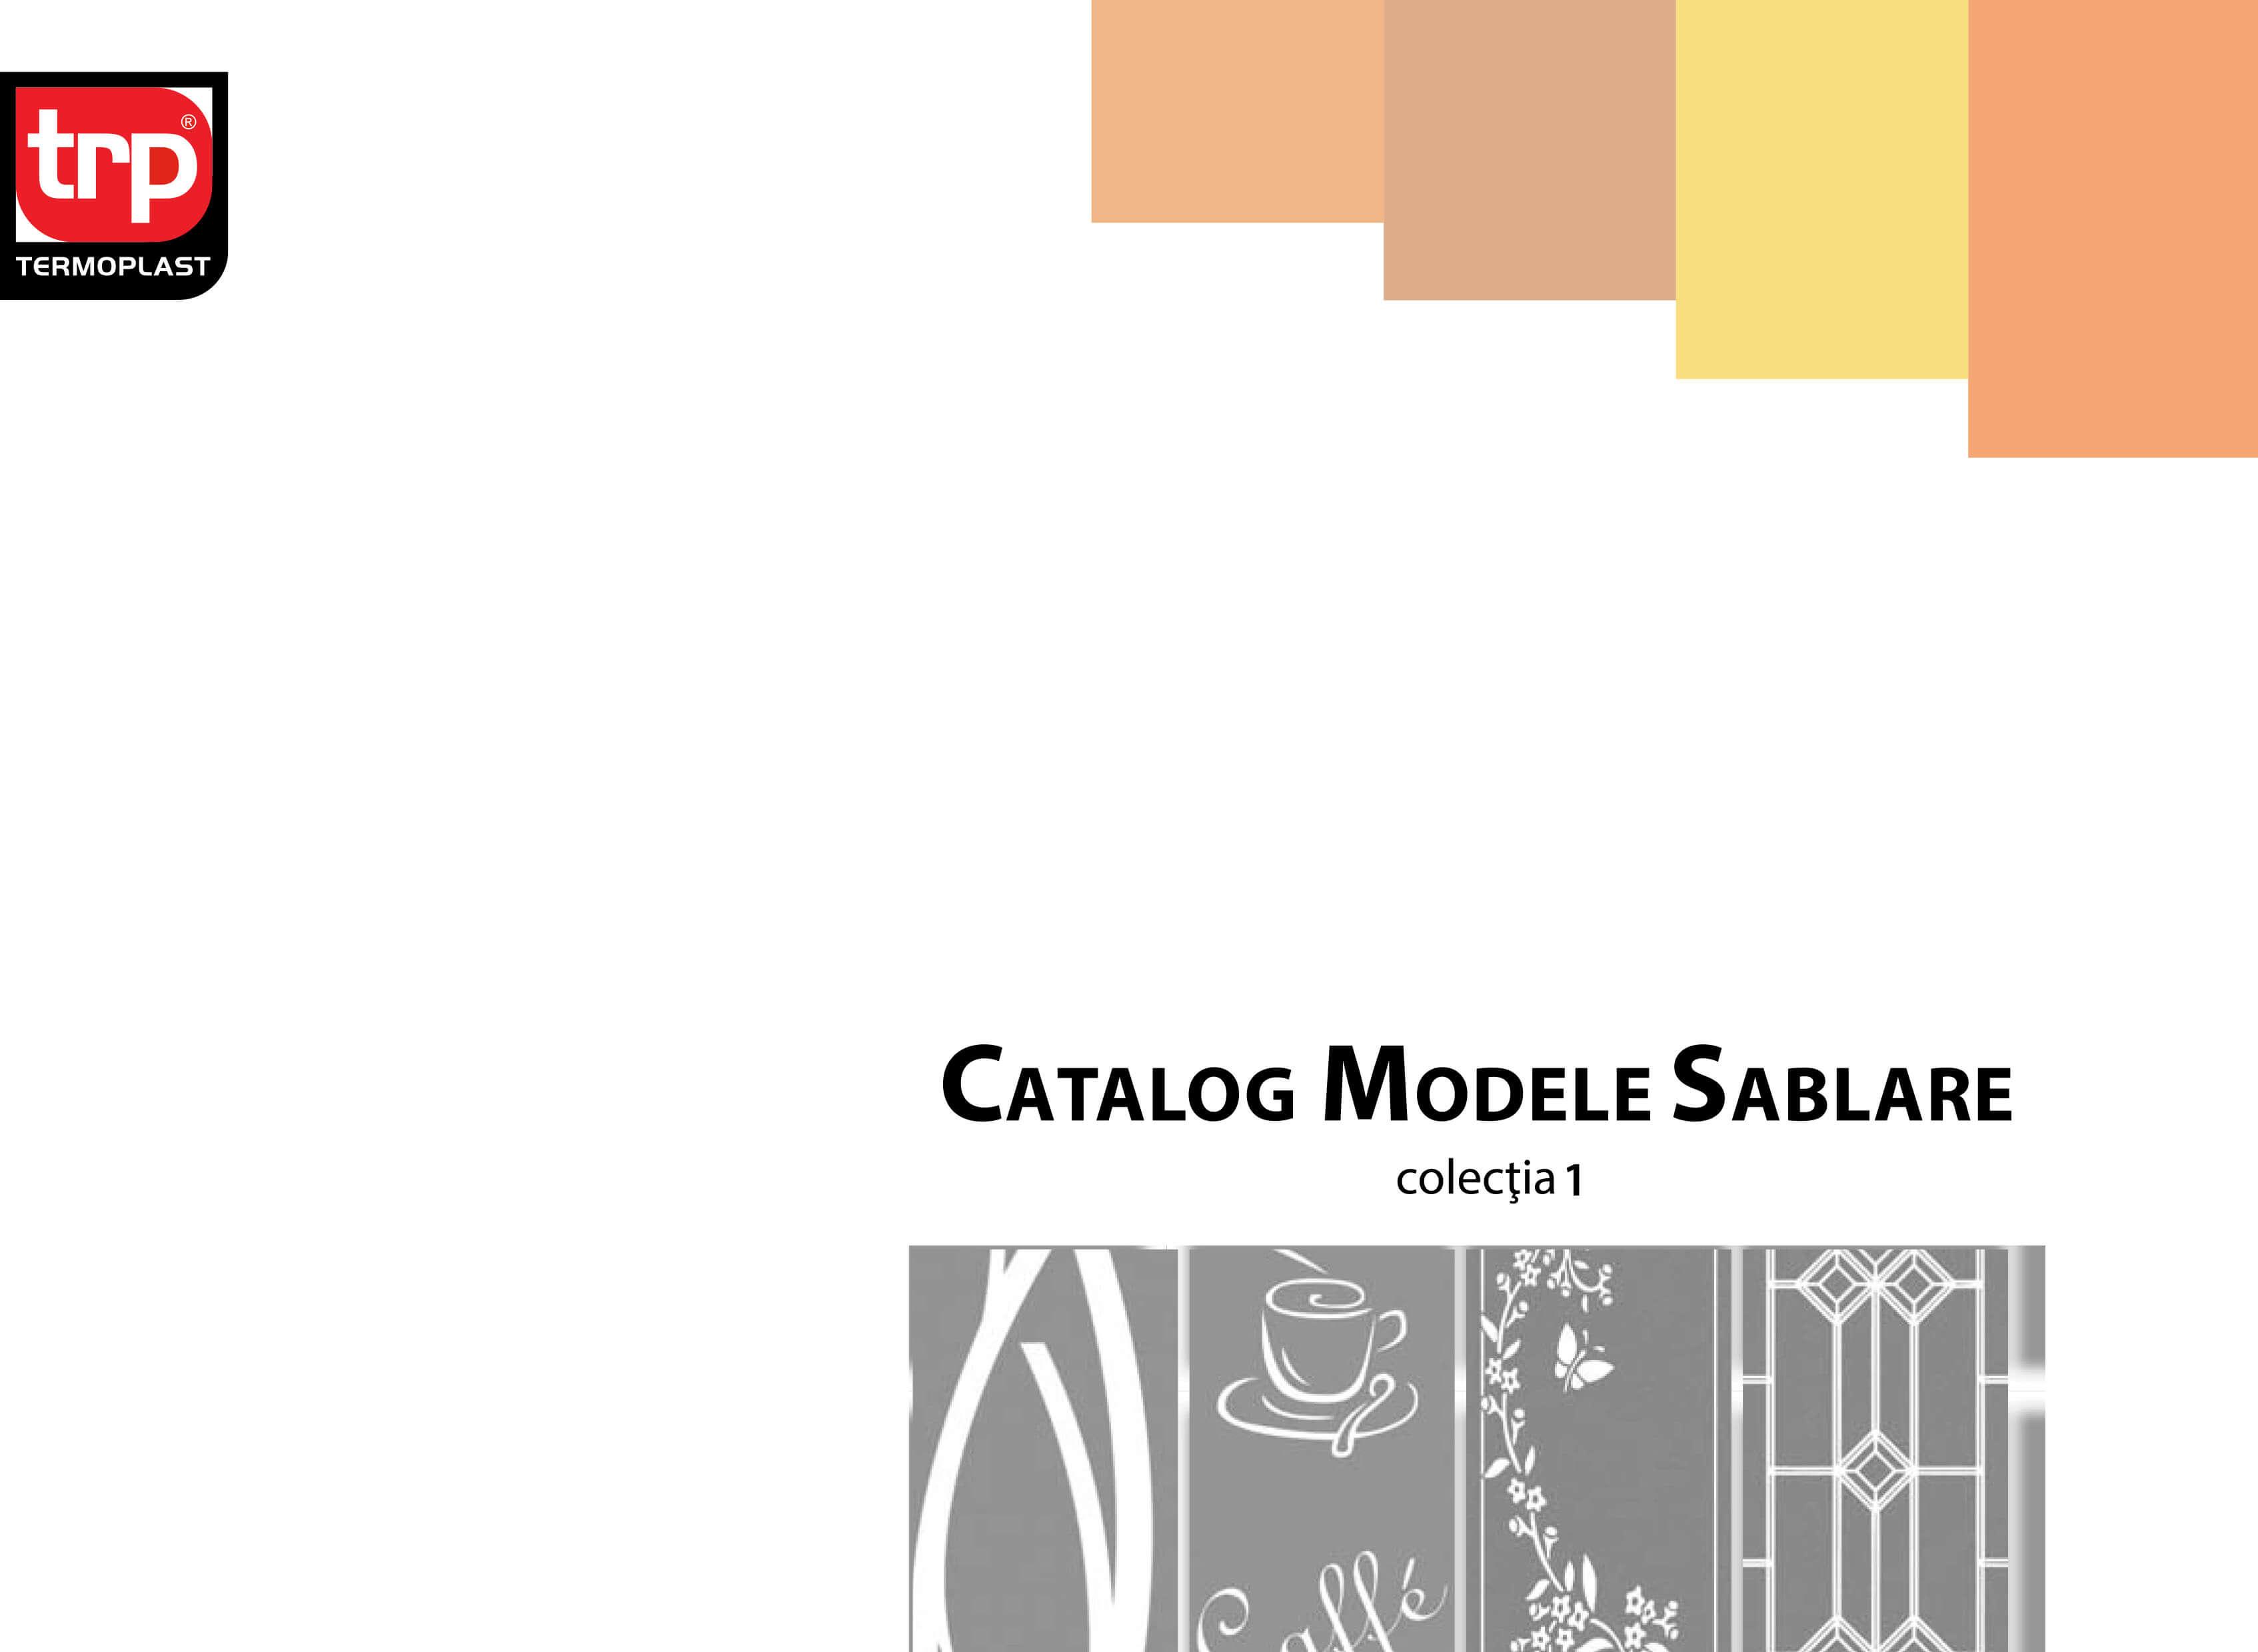 catalogo di sabbiatura - collezione